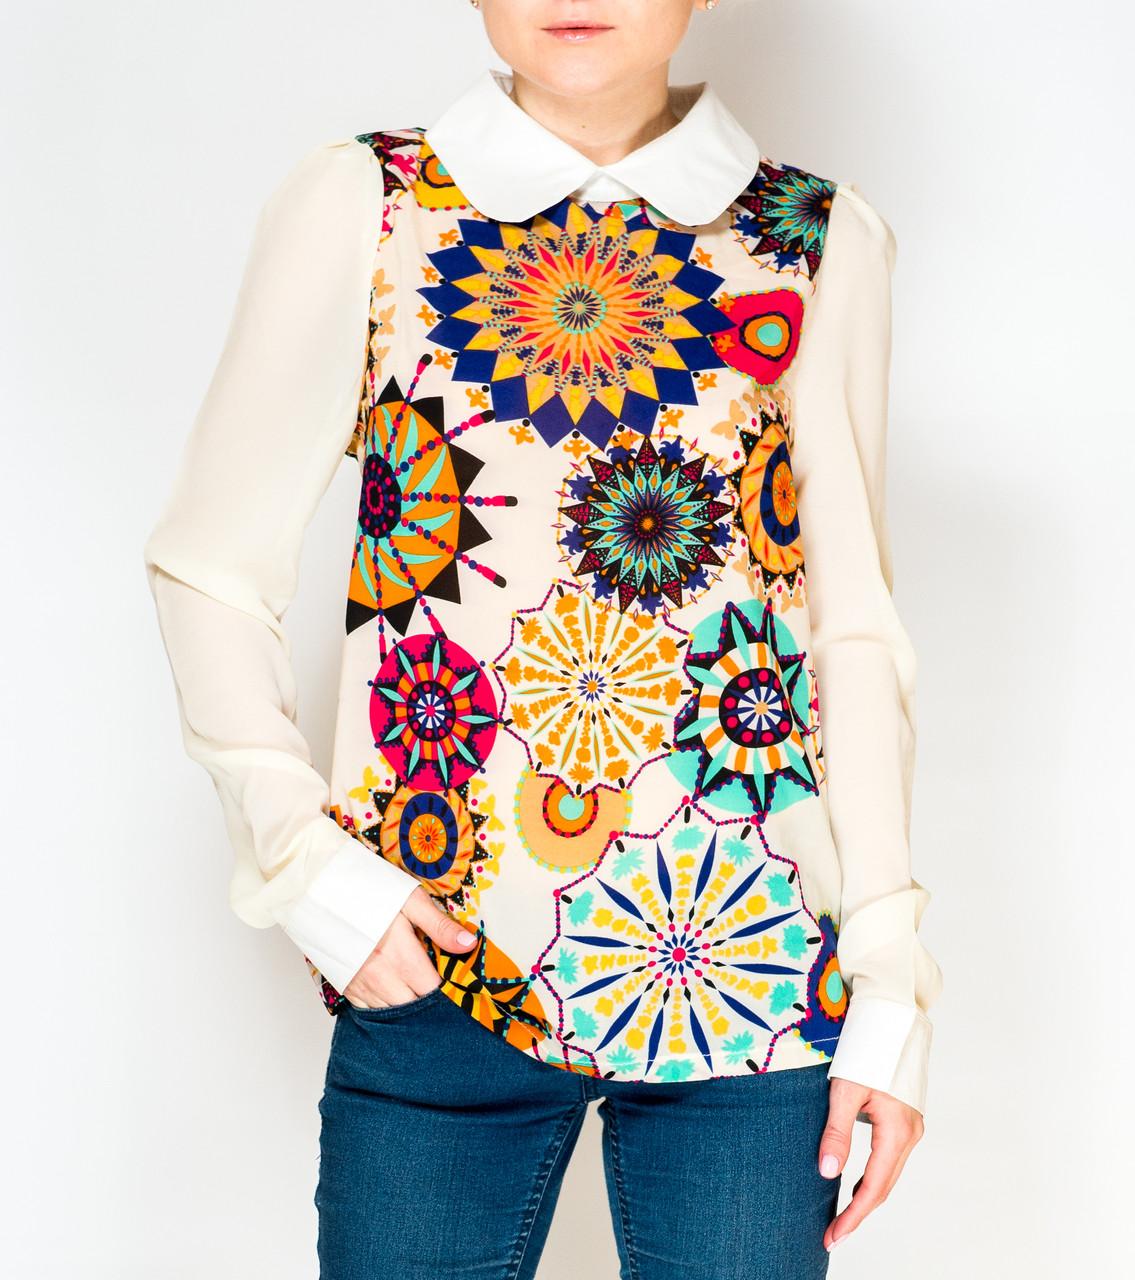 Купить Блузку Разноцветную